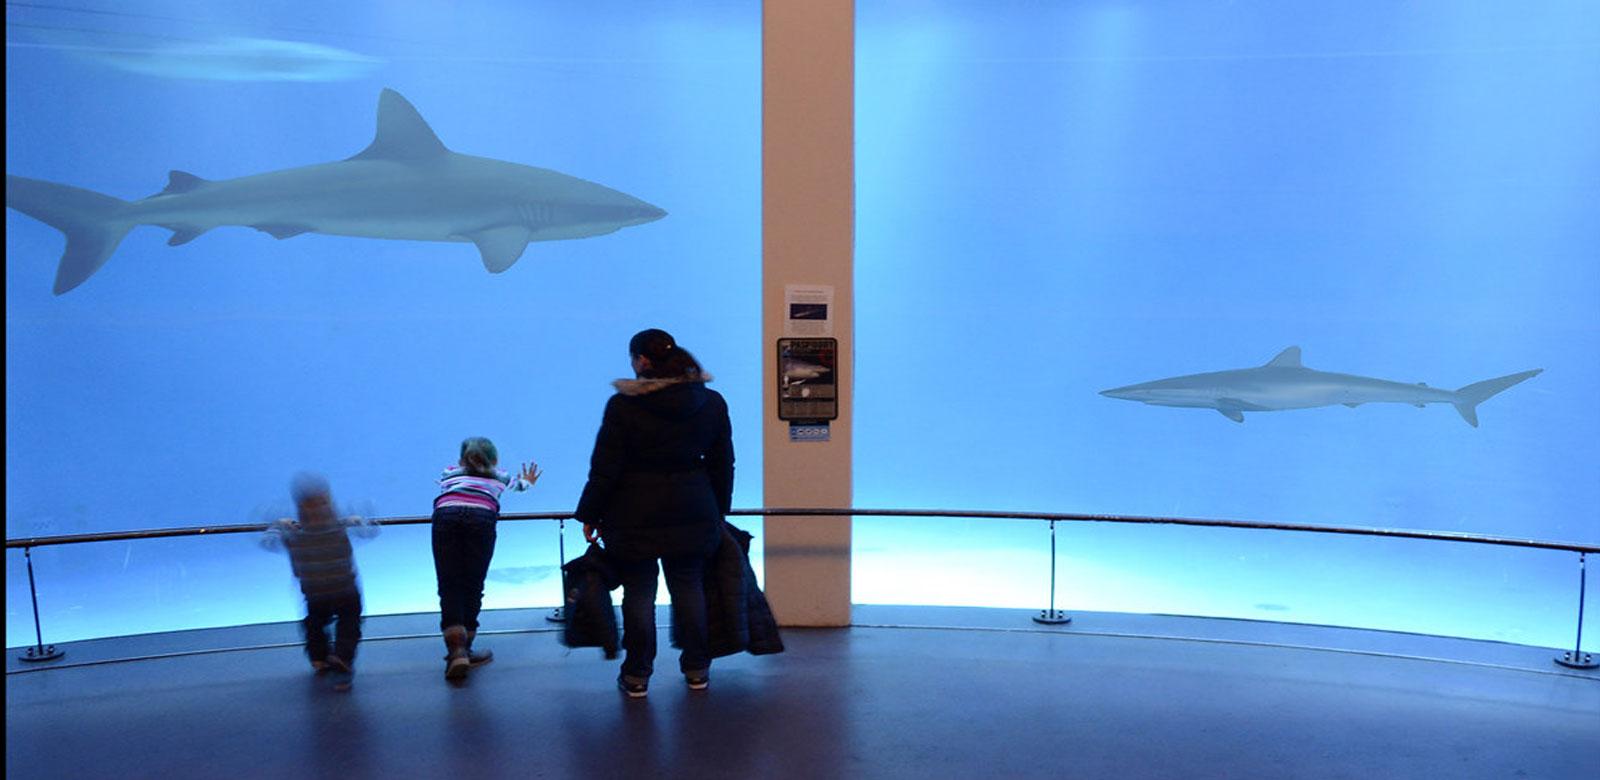 haaienbassin-Emmen fotografie door Rene Mensen